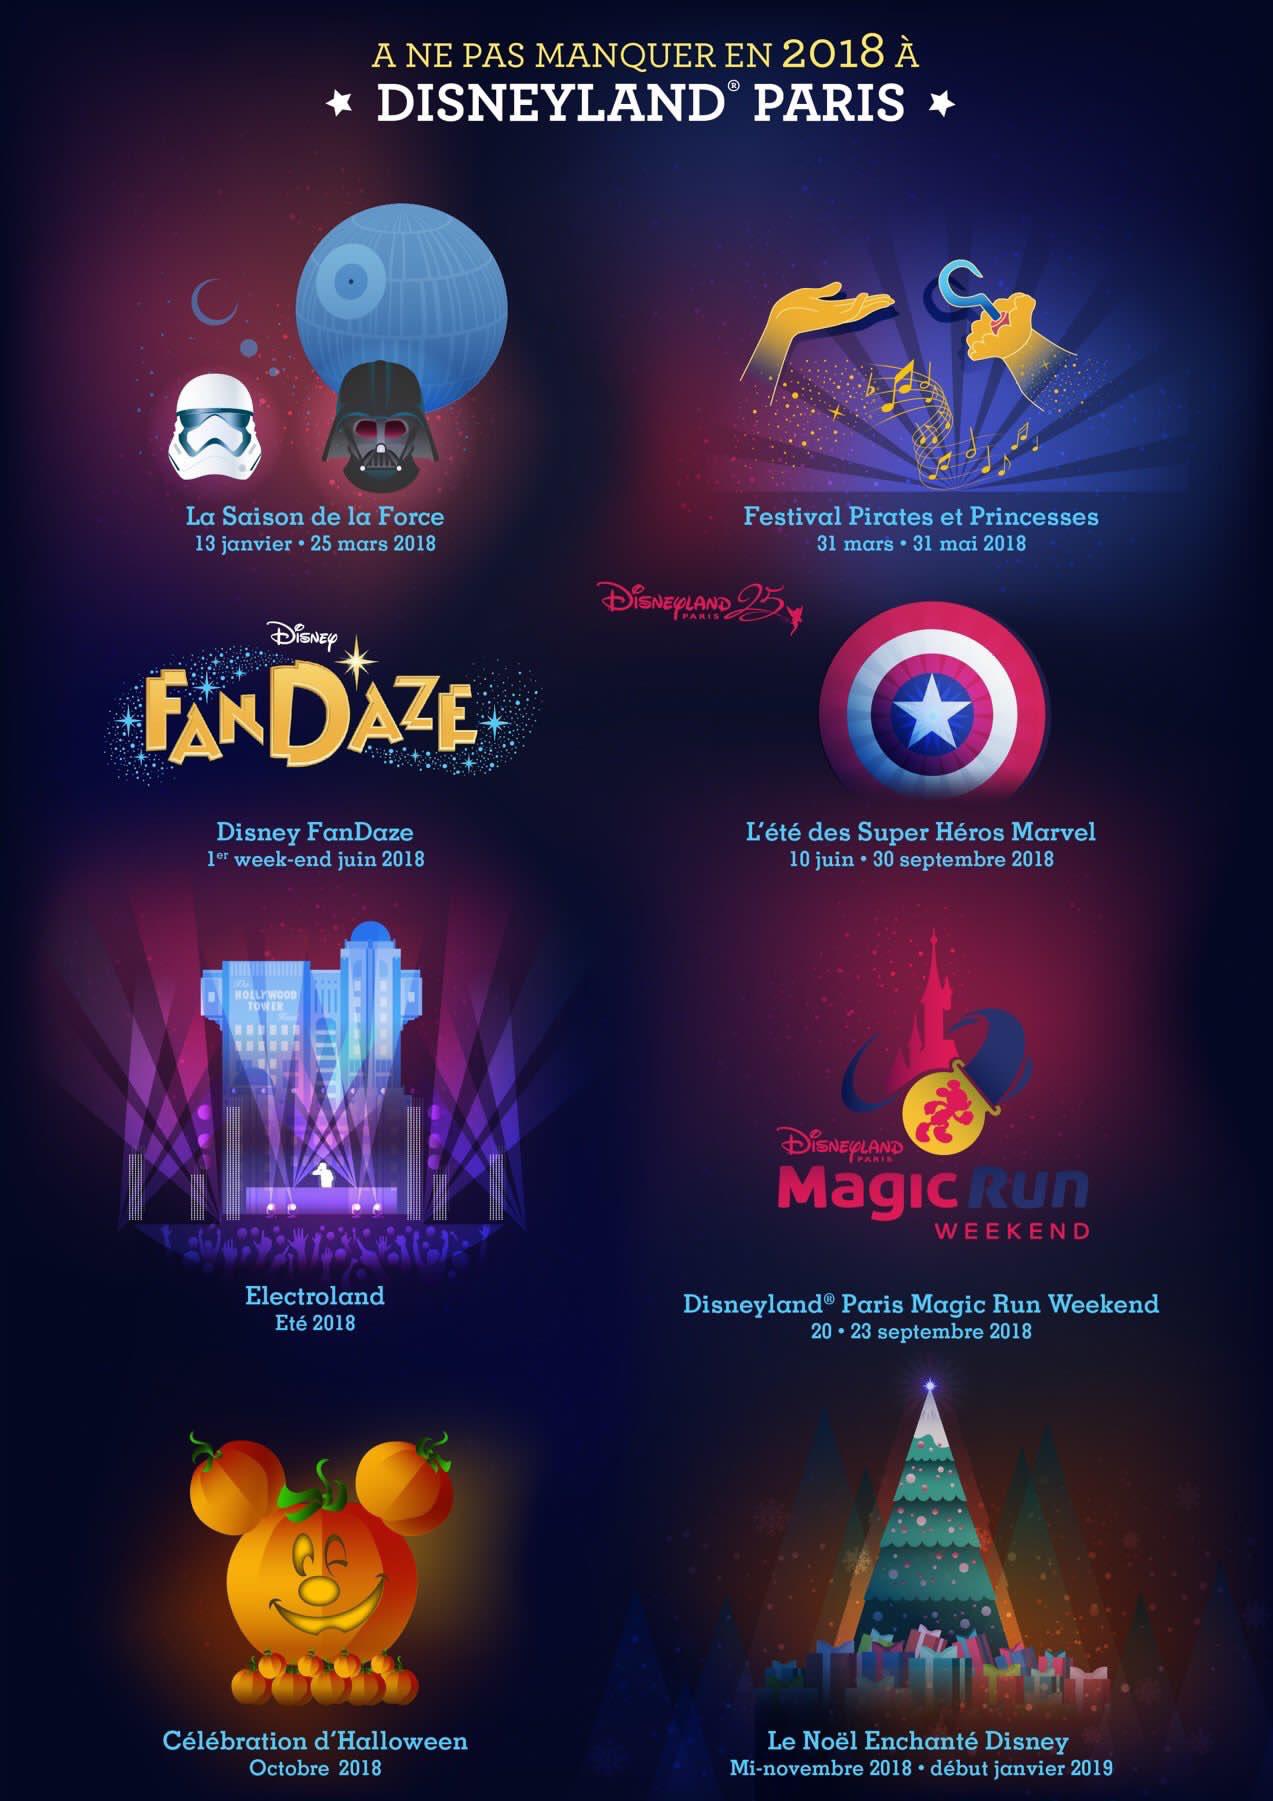 brochure disney noel 2018 All the Seasons and Festivals for Disneyland Paris 2018. | Disney  brochure disney noel 2018